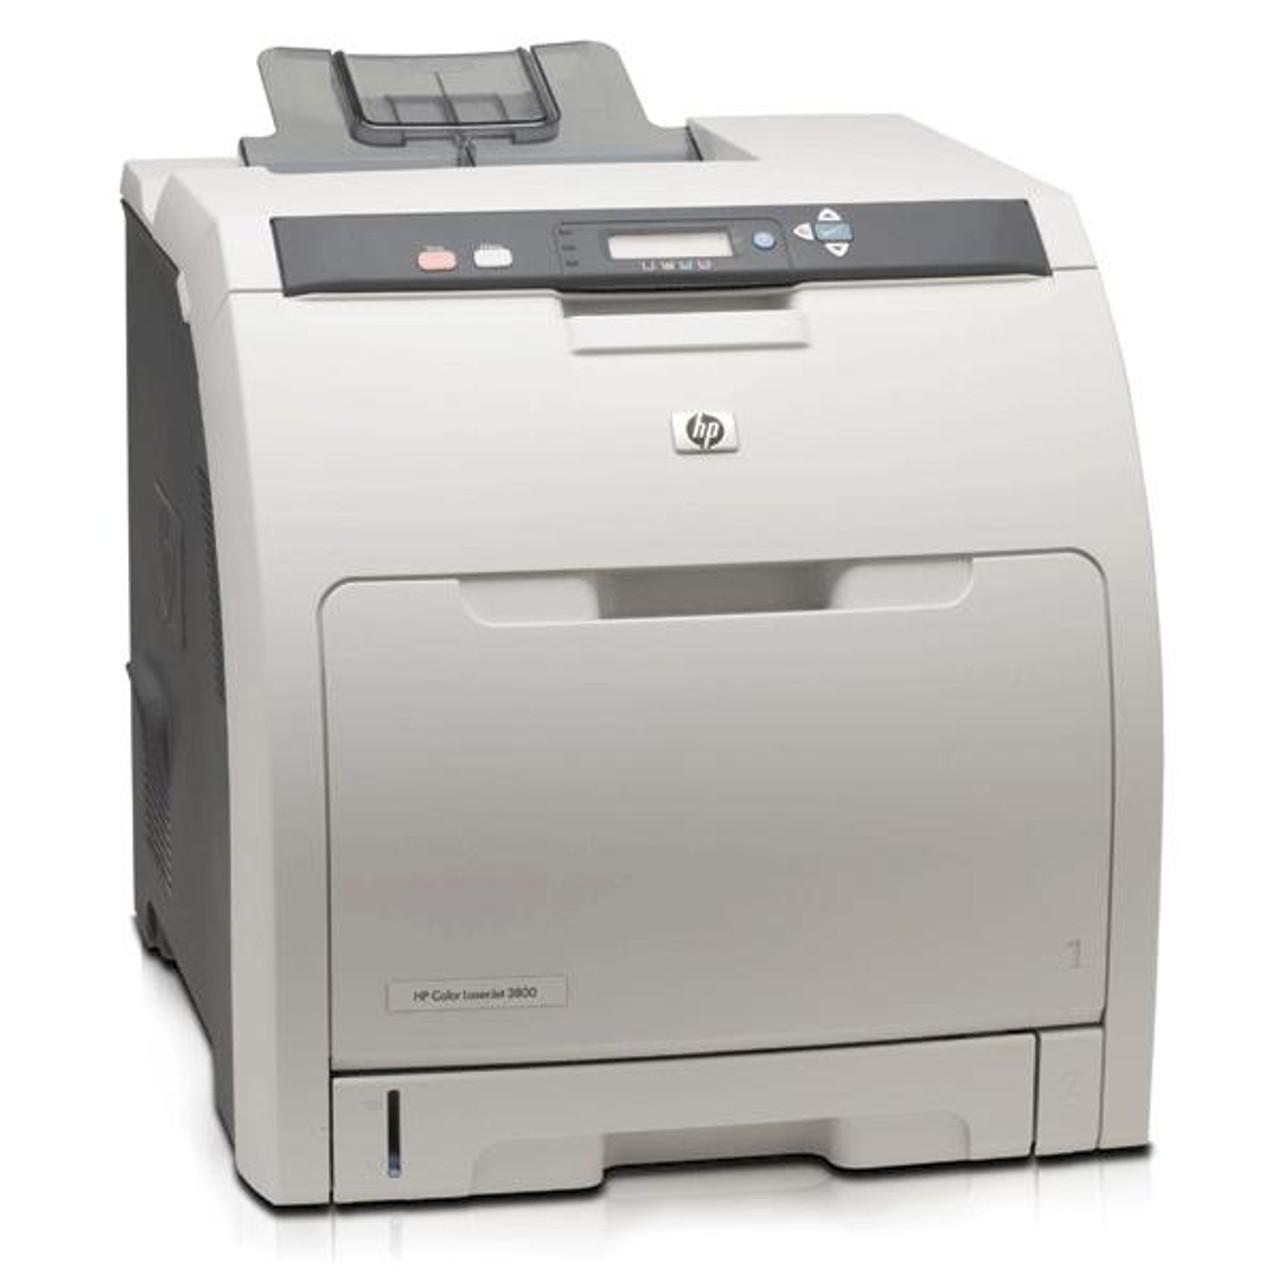 HP Color LaserJet 3800n - Q5982A - HP Laser Printer for sale